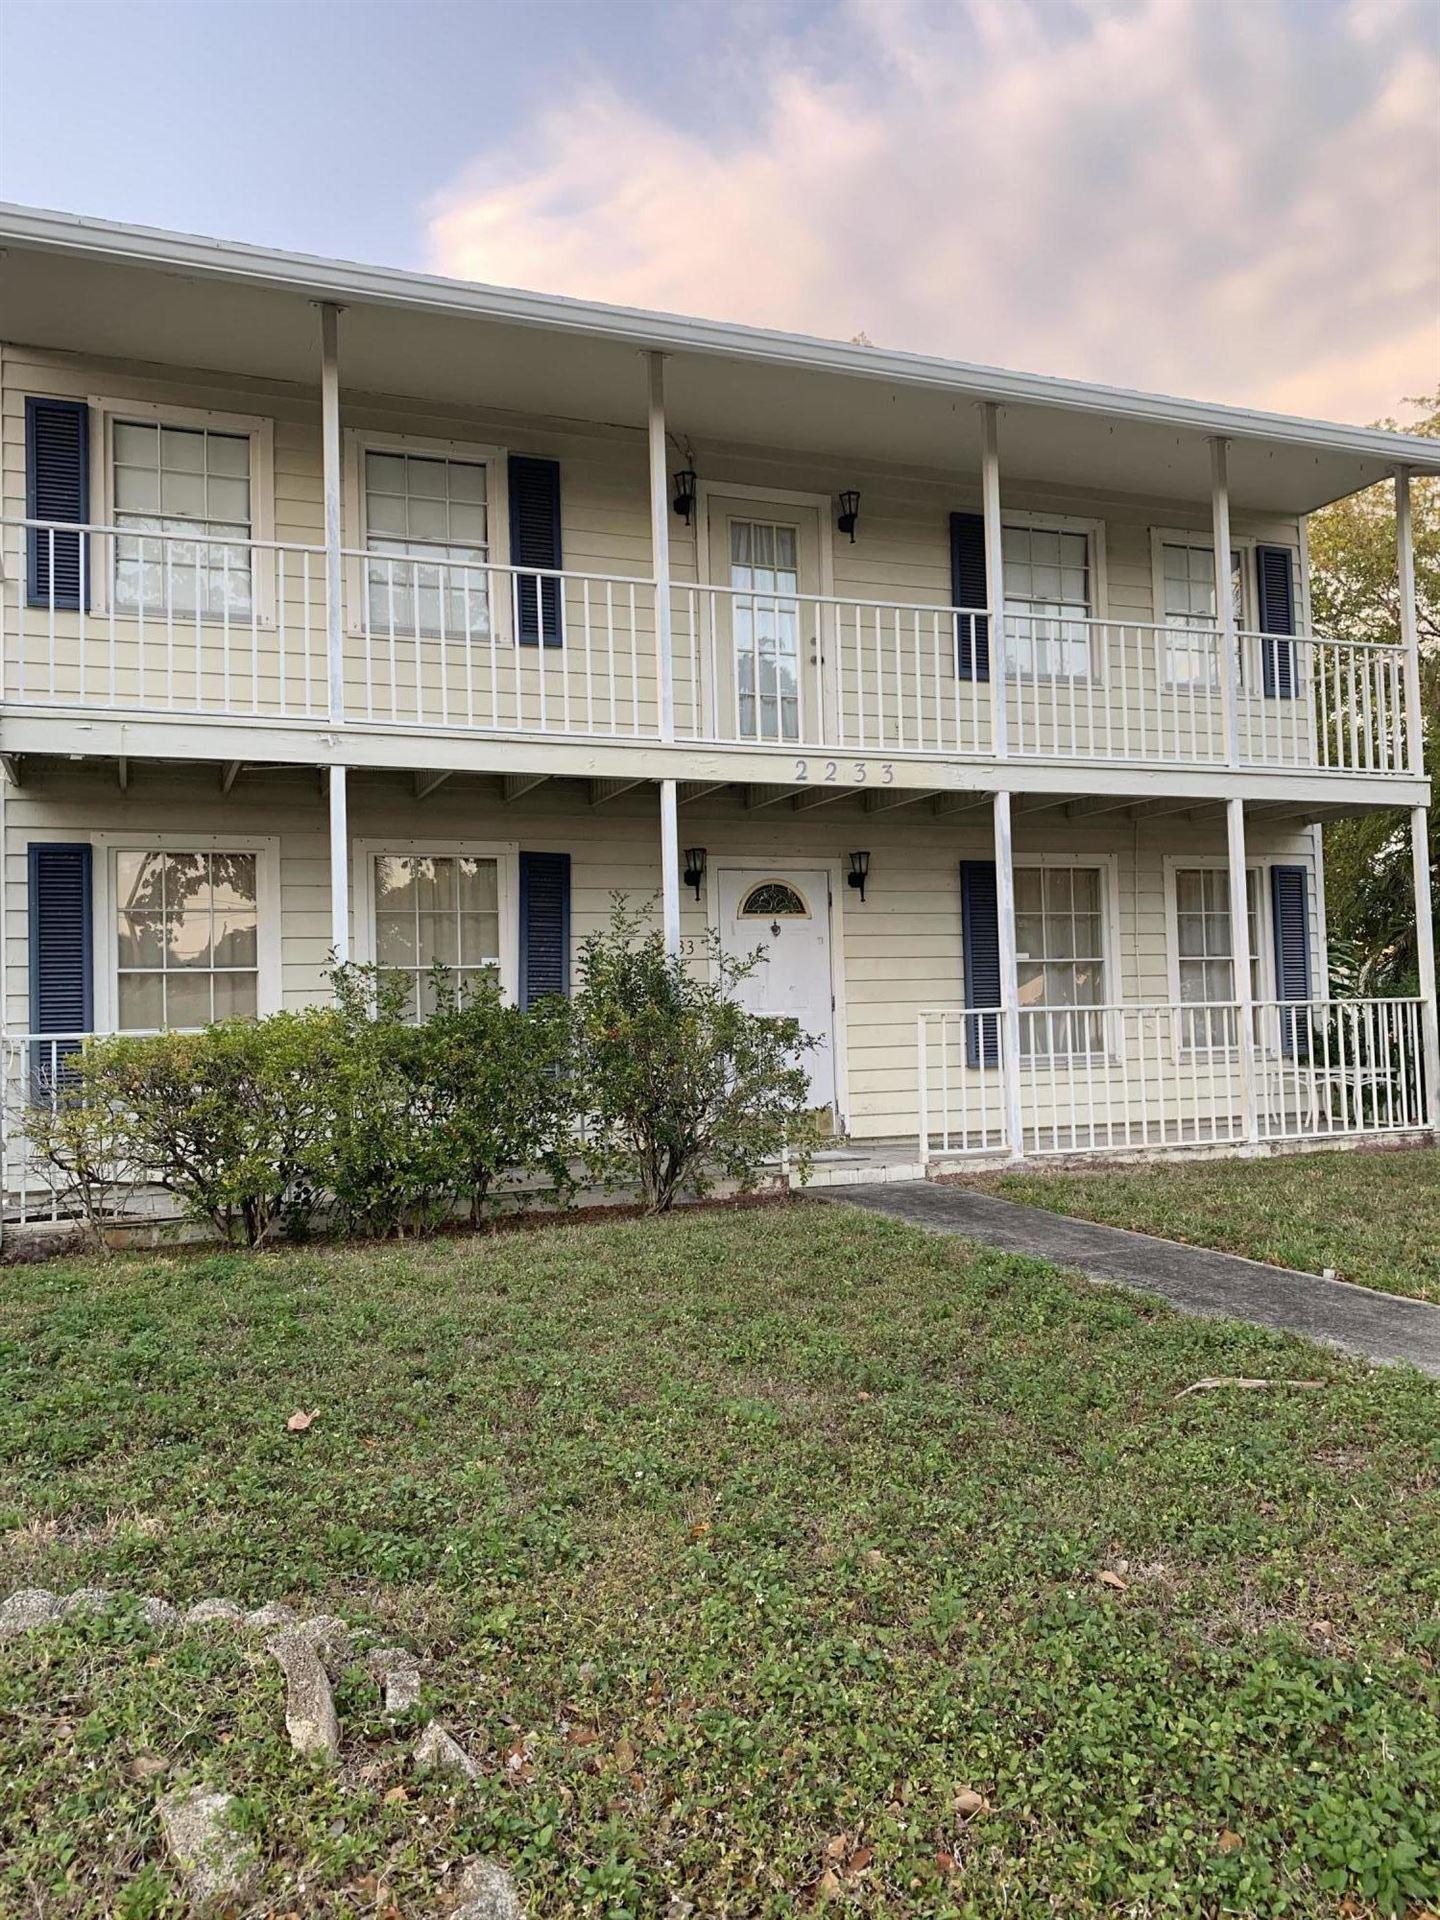 2233 Dock Street, West Palm Beach, FL 33401 - #: RX-10687331